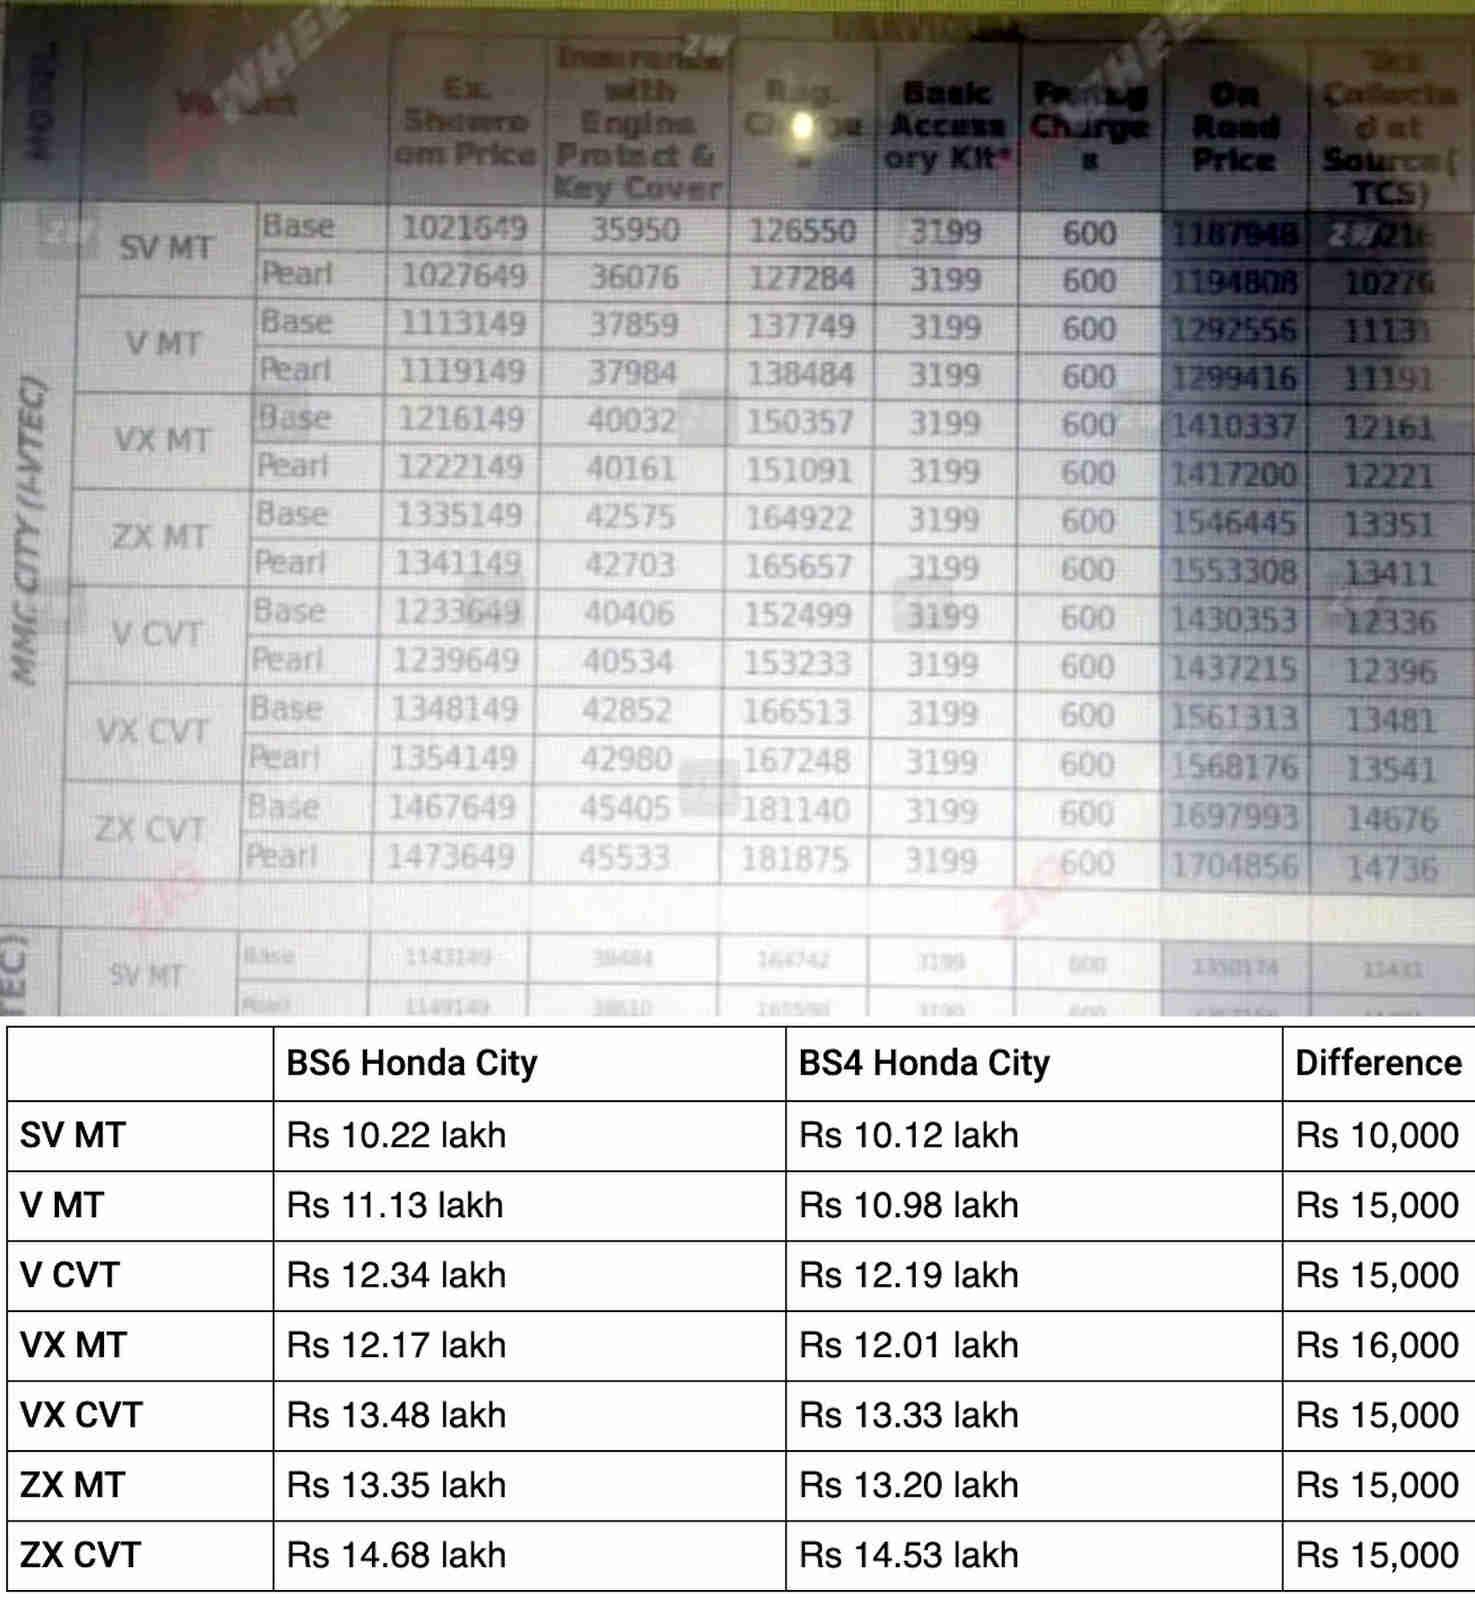 Honda City BS6 prices